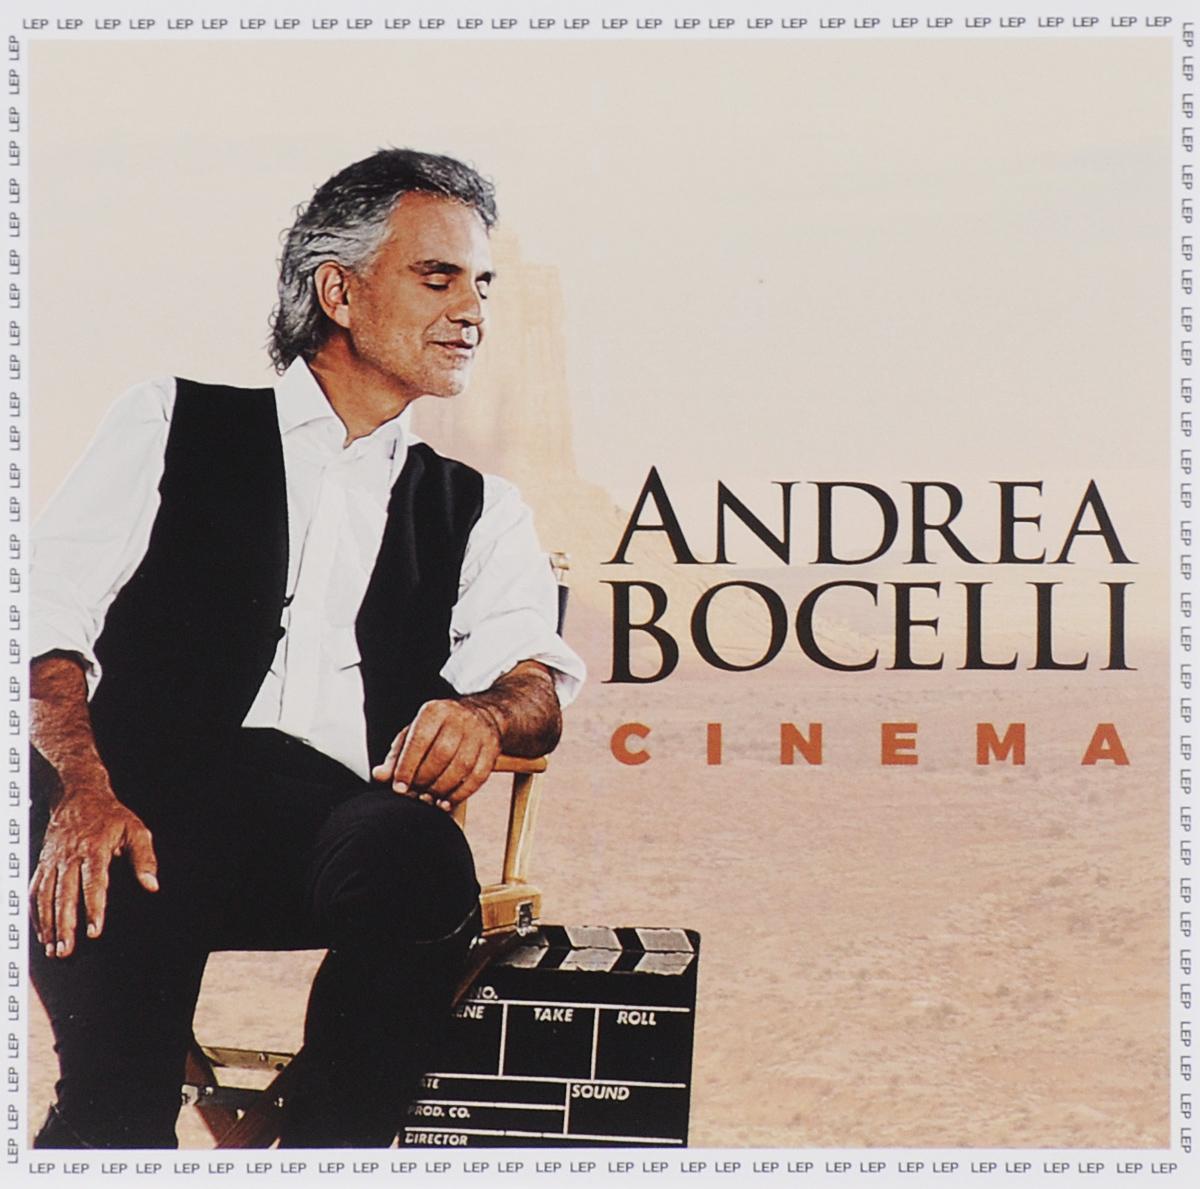 Андреа Бочелли Andrea Bocelli. Cinema андреа бочелли andrea bocelli the pop albums 14 lp